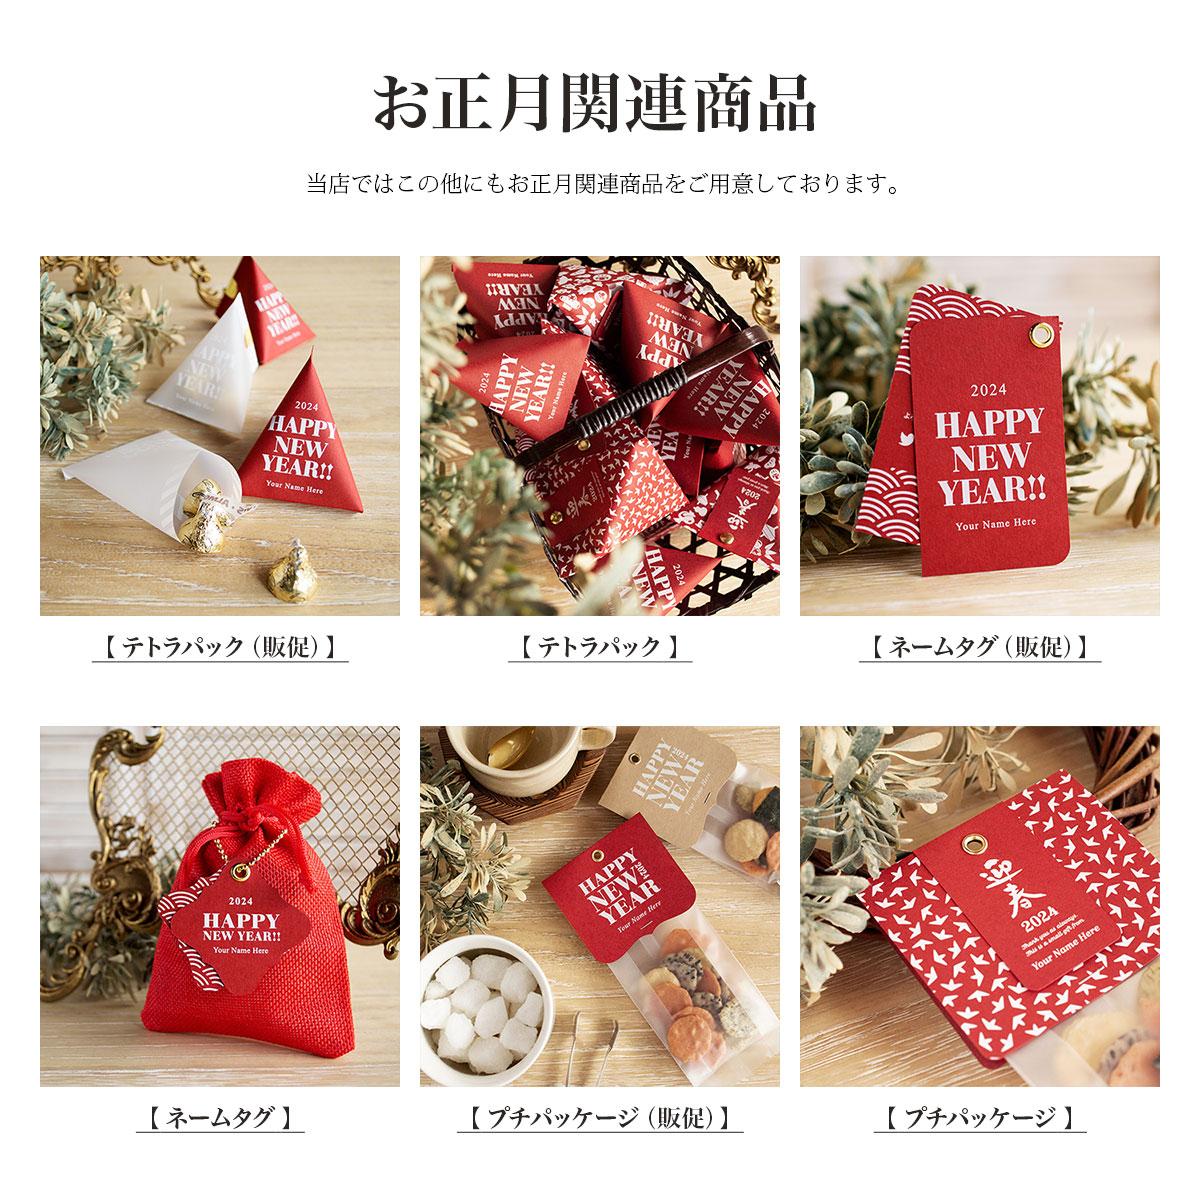 新年・お正月イベント関連商品